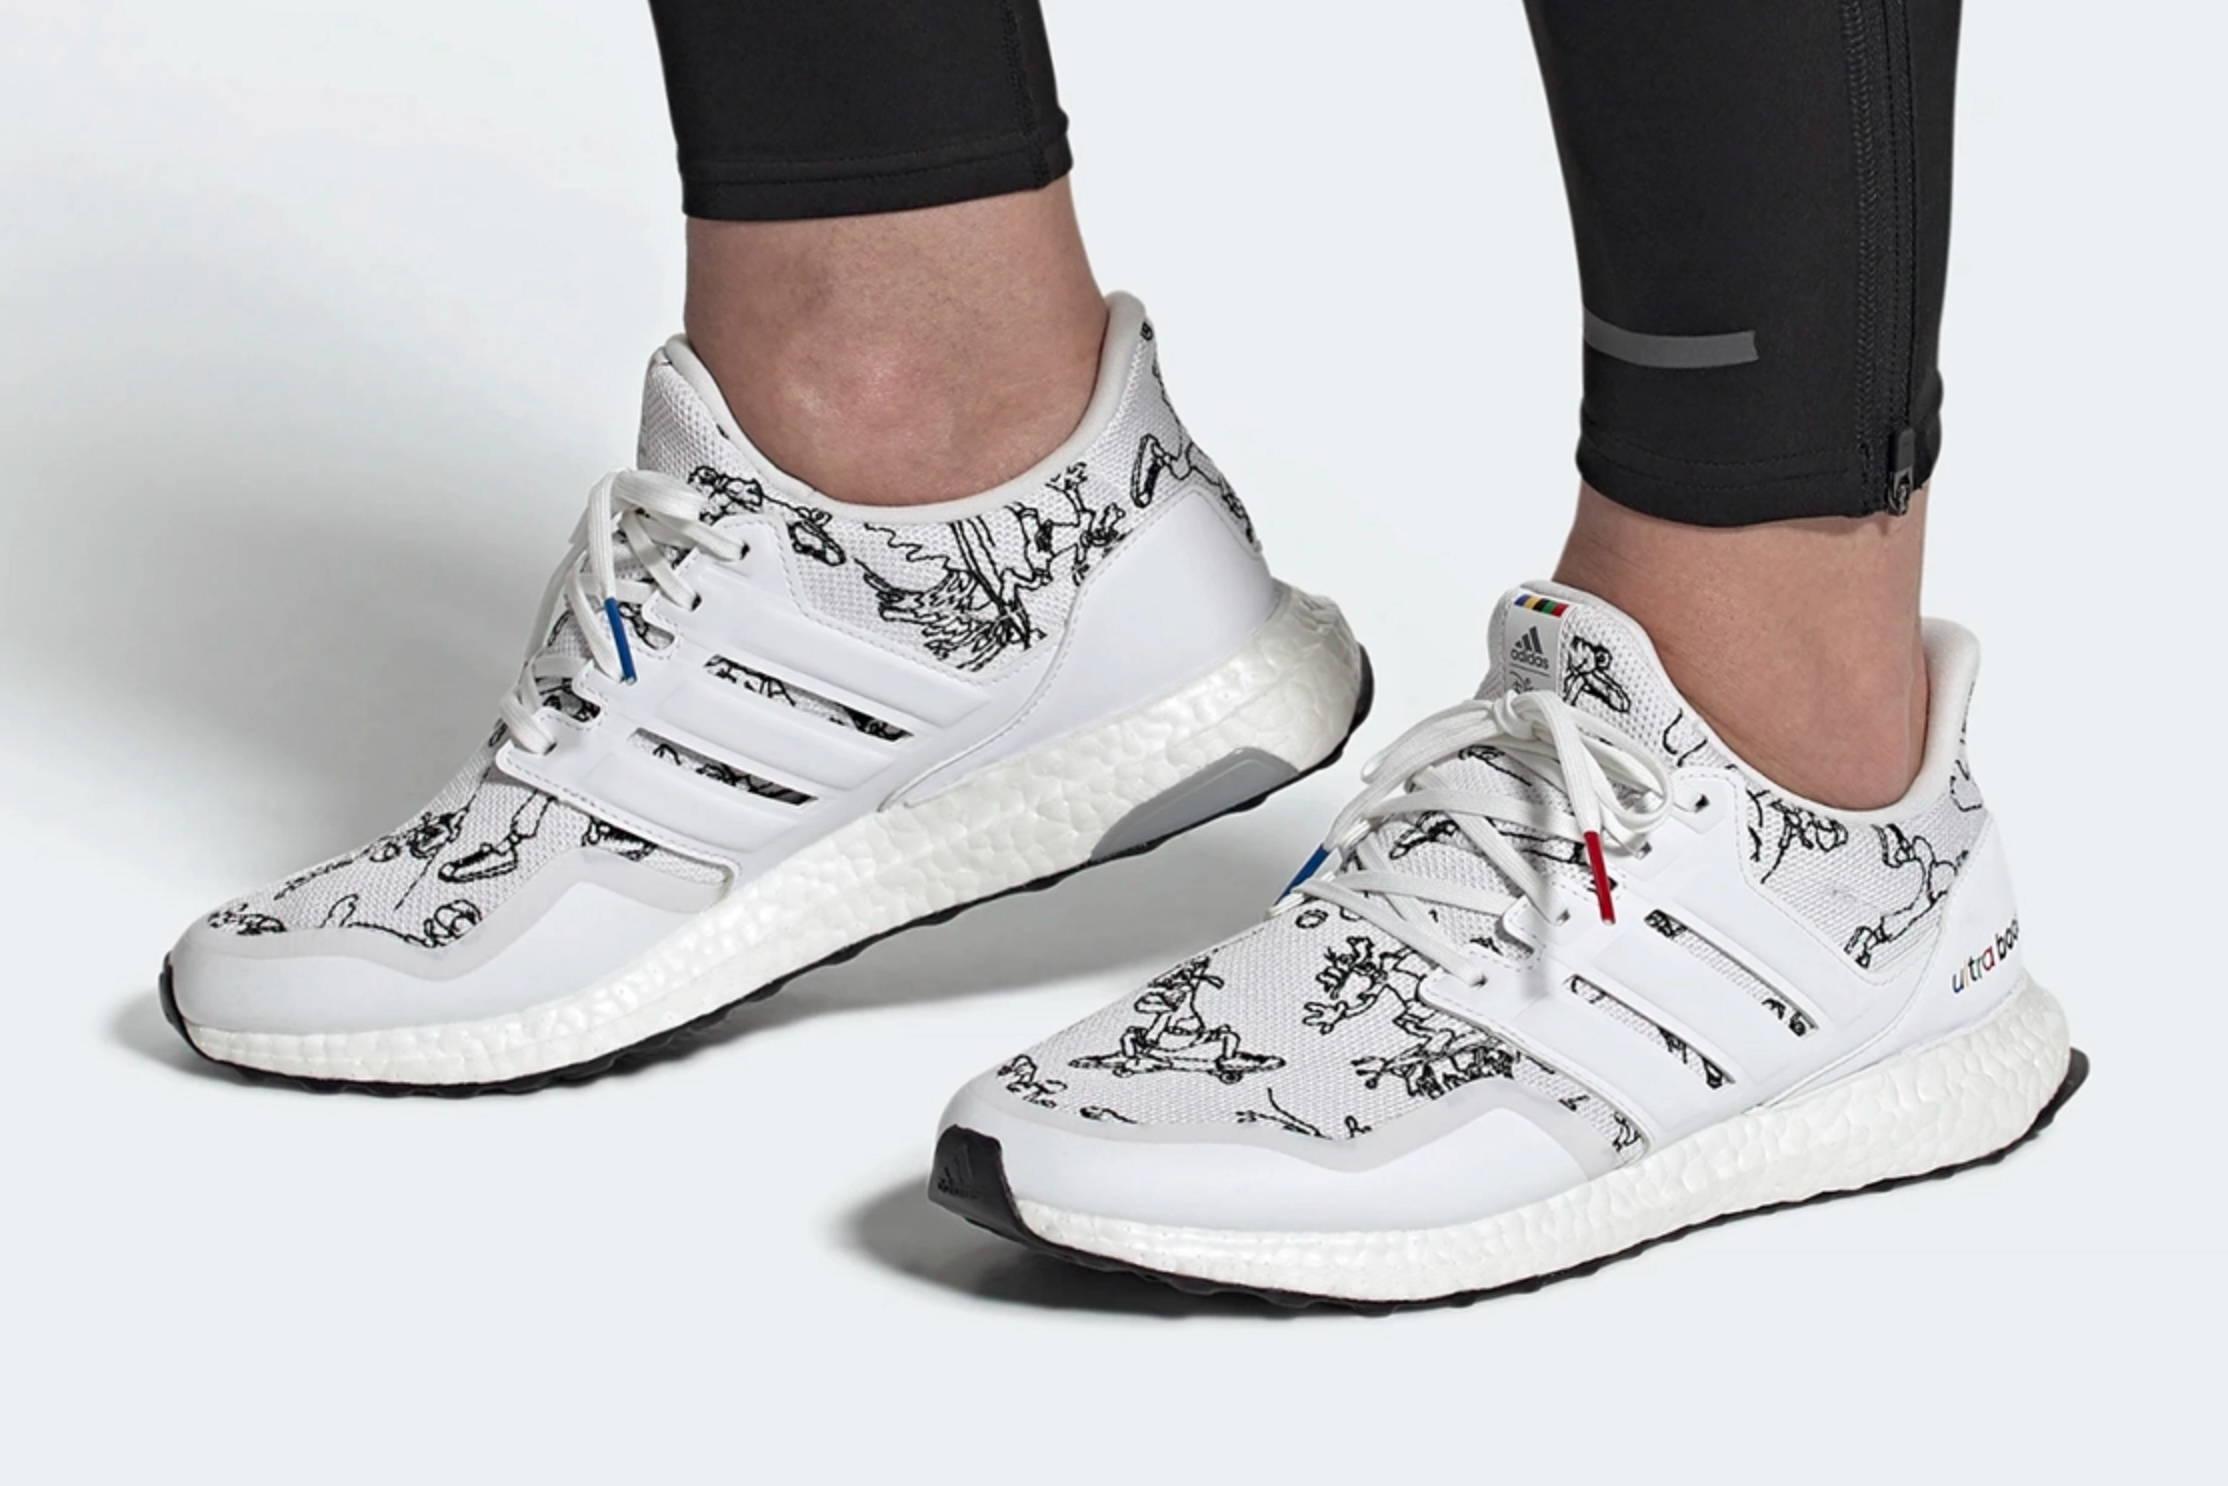 Sneaker Releases 2020